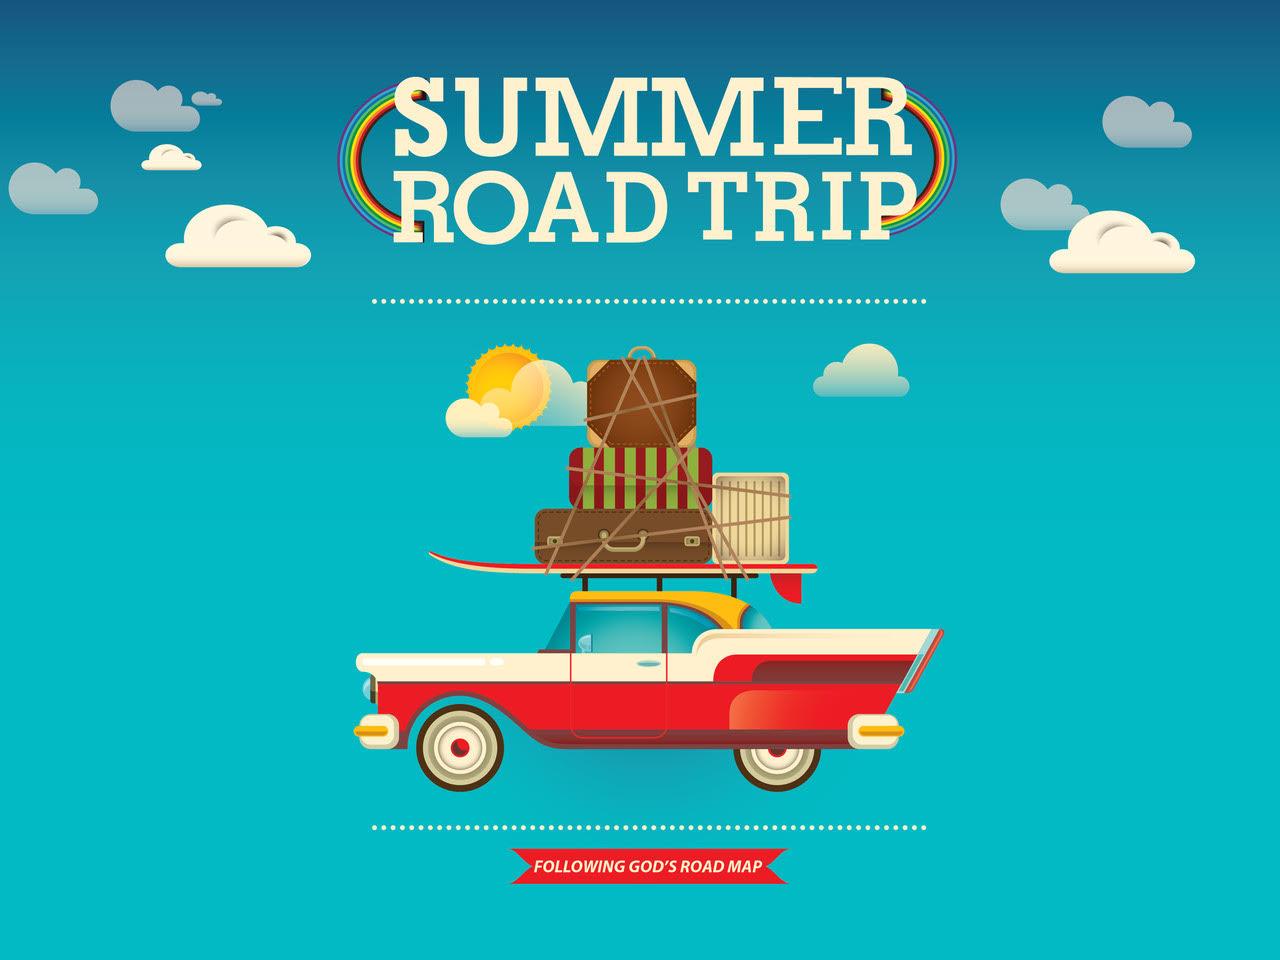 Roadtrip - Summer 2019.jpg